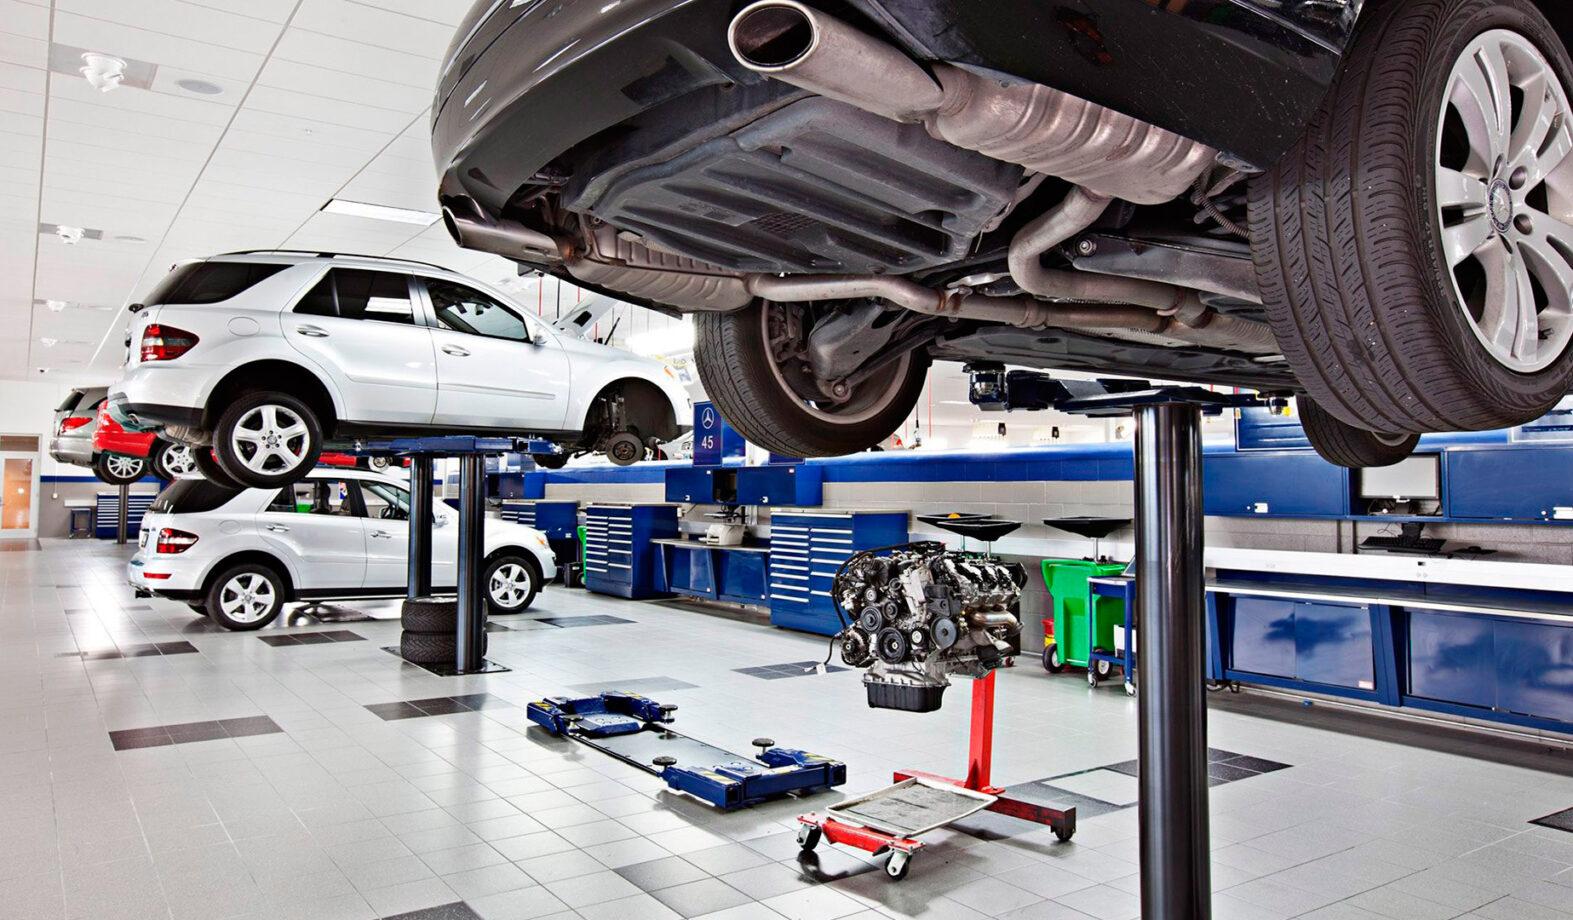 taller mecánico en Cambrills taller de coches en Cambrils